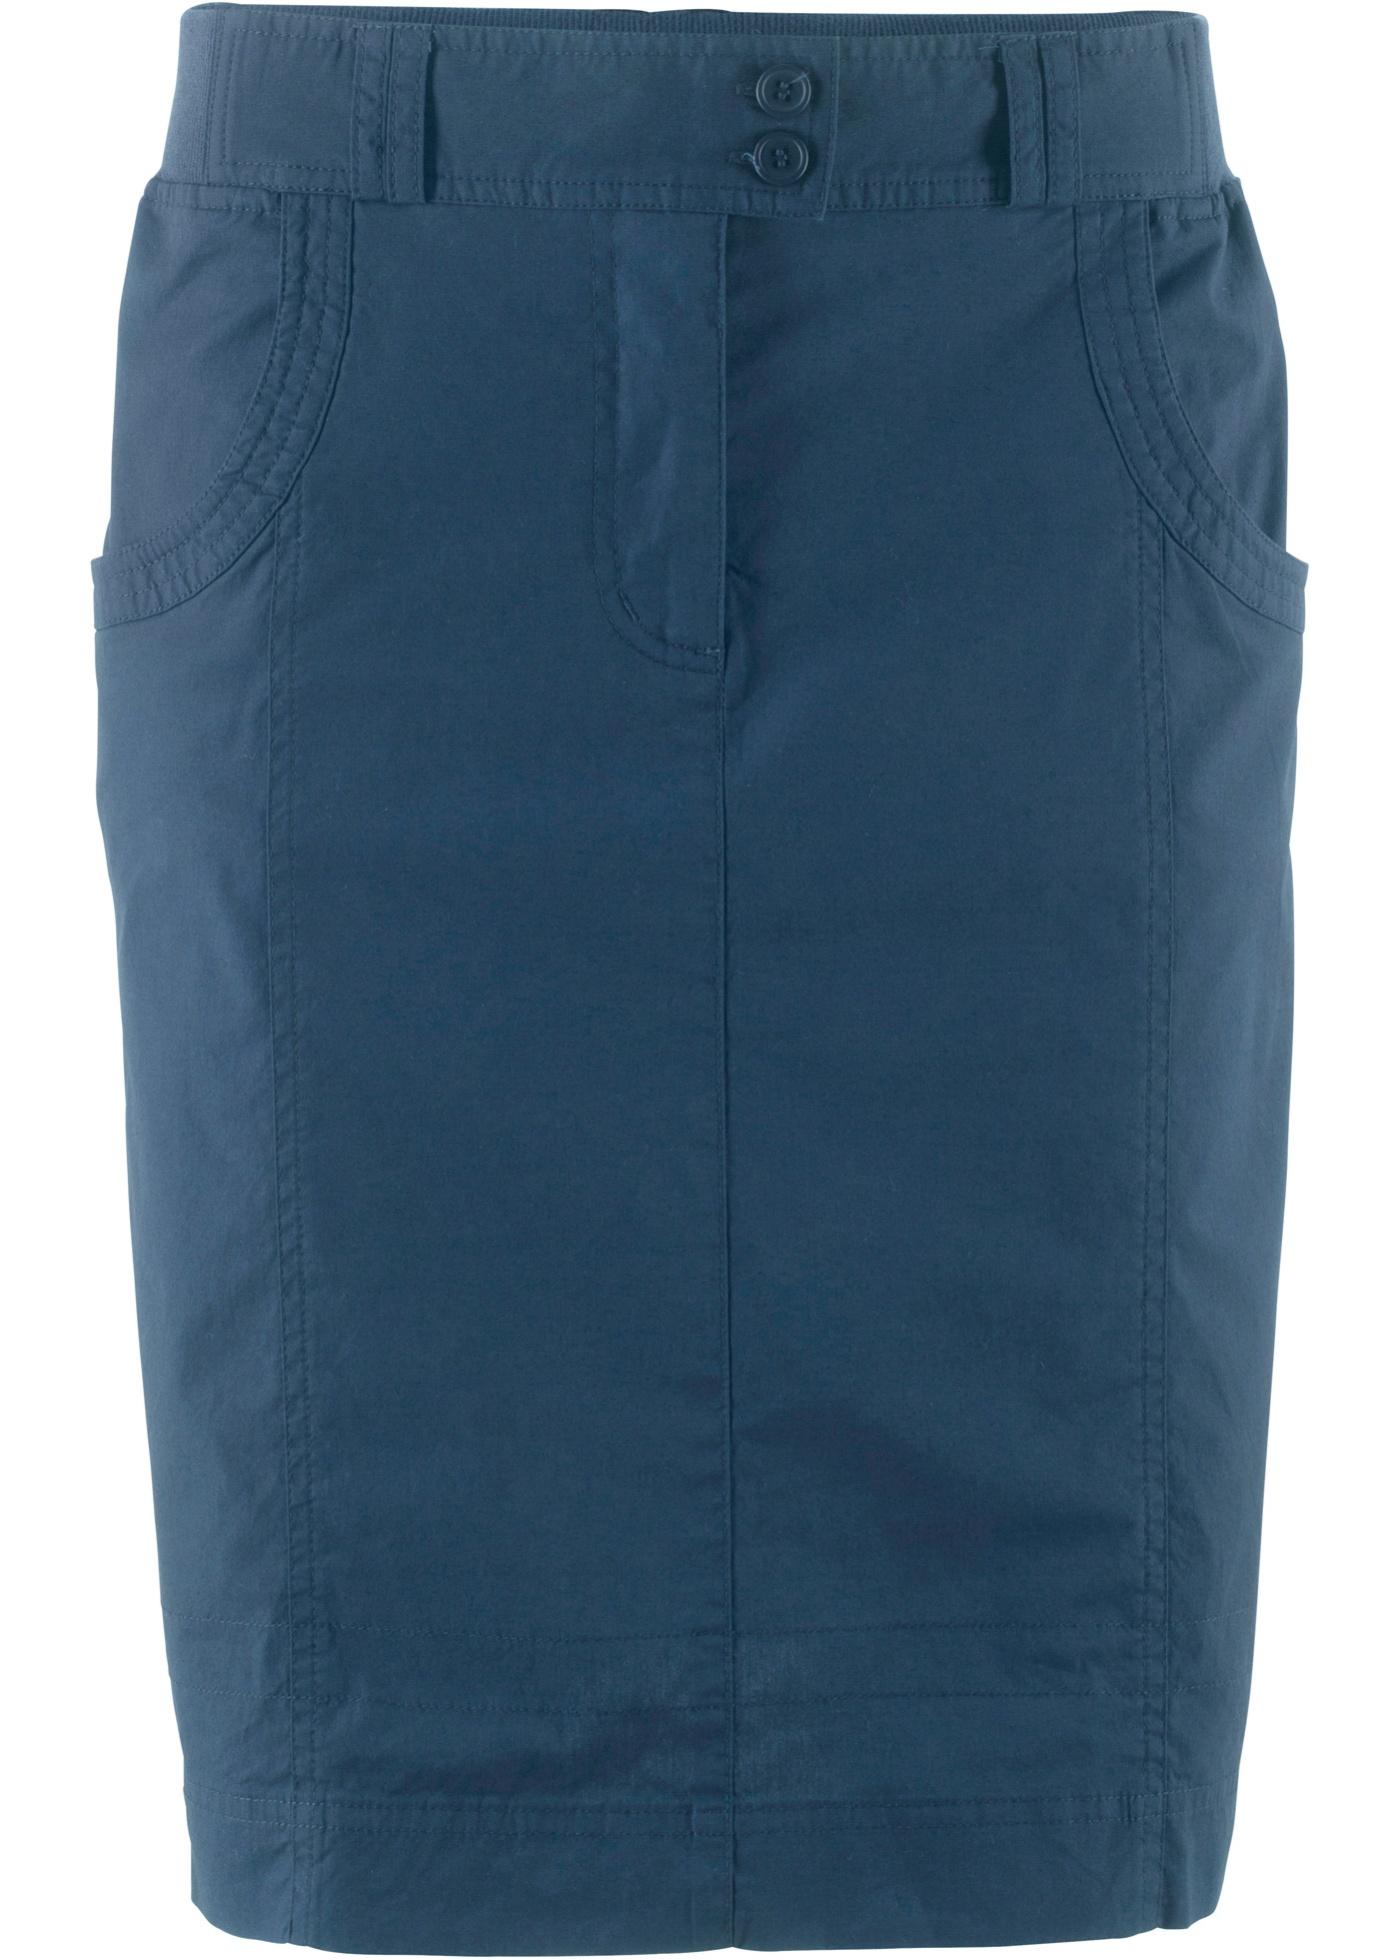 Semi Pour Extensible côtelée Avec CollectionJupe Taille Bleu Bpc Bonprix Femme eCBroWdx